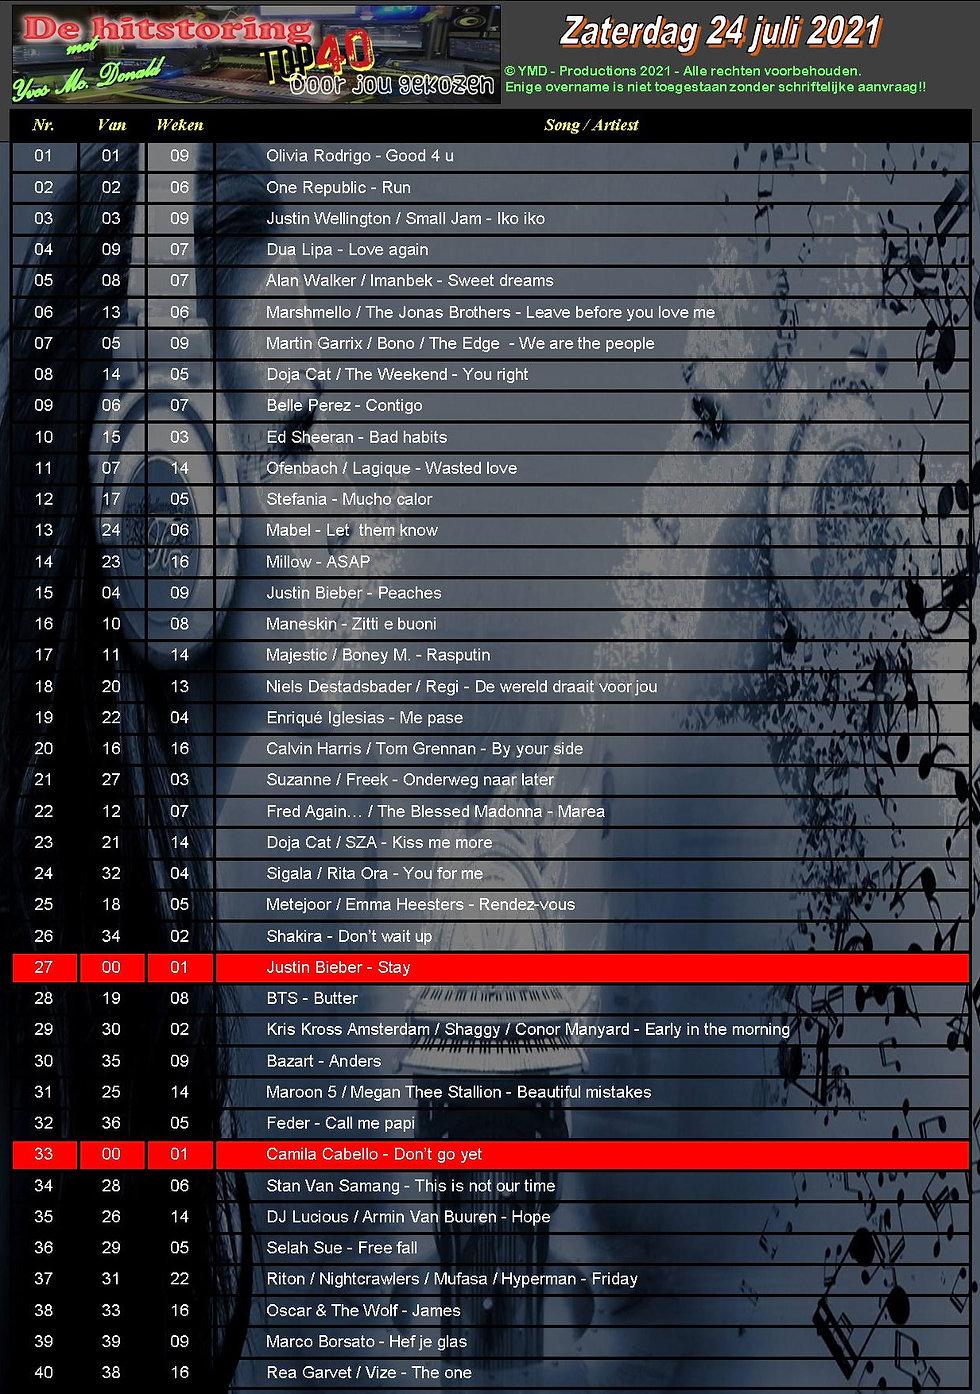 Top 40 - 24 juli 2021.jpg